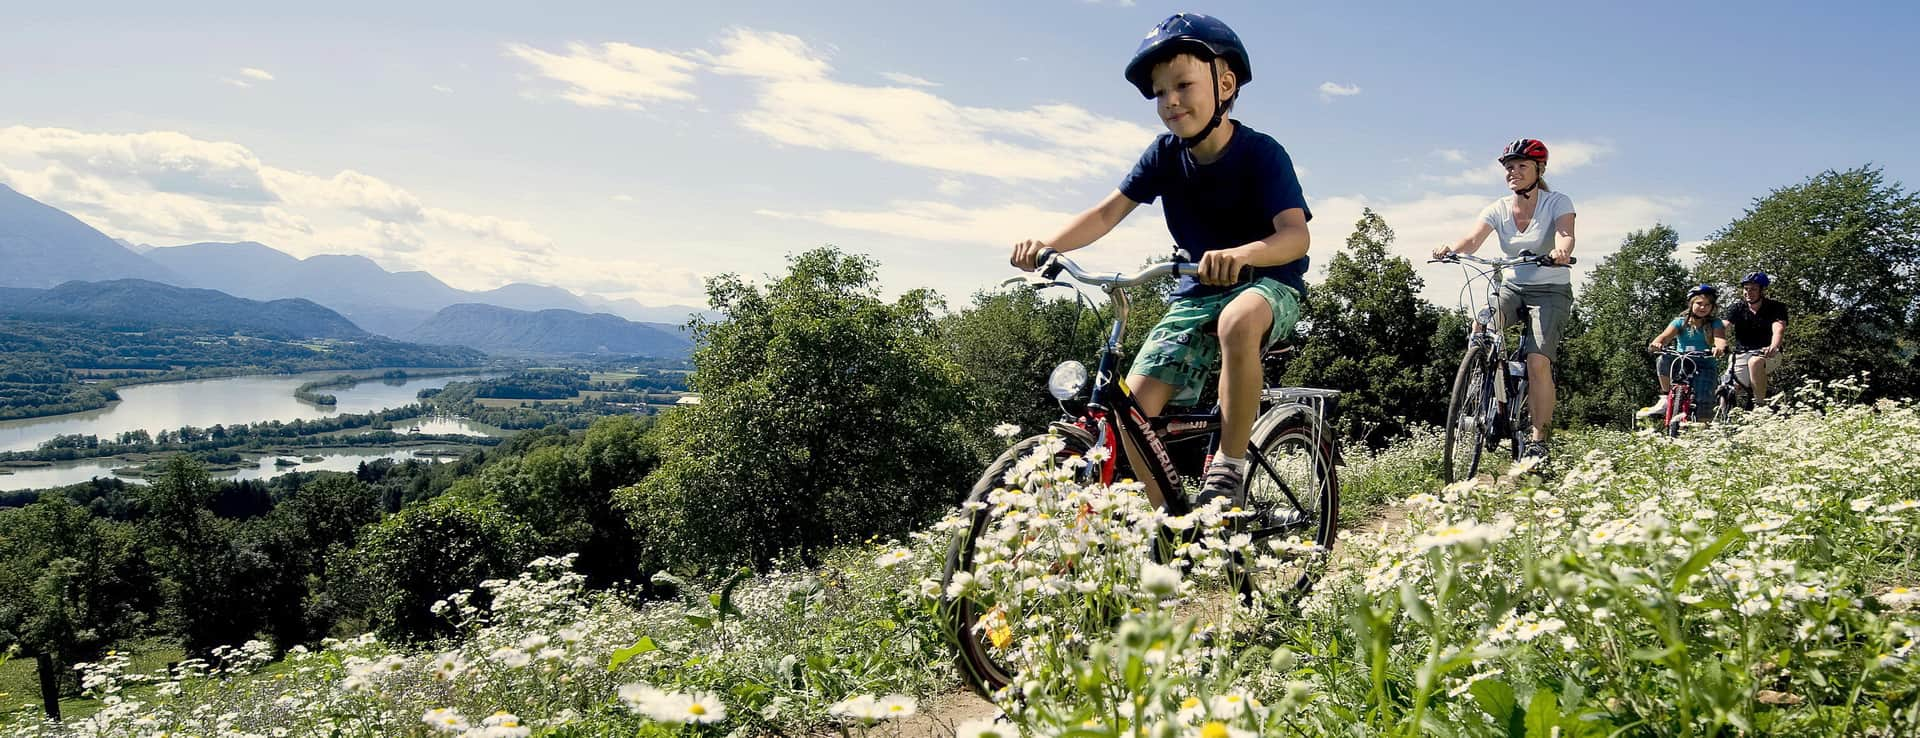 Cykling vid floden Drau i Kärnten Semester i Österrike